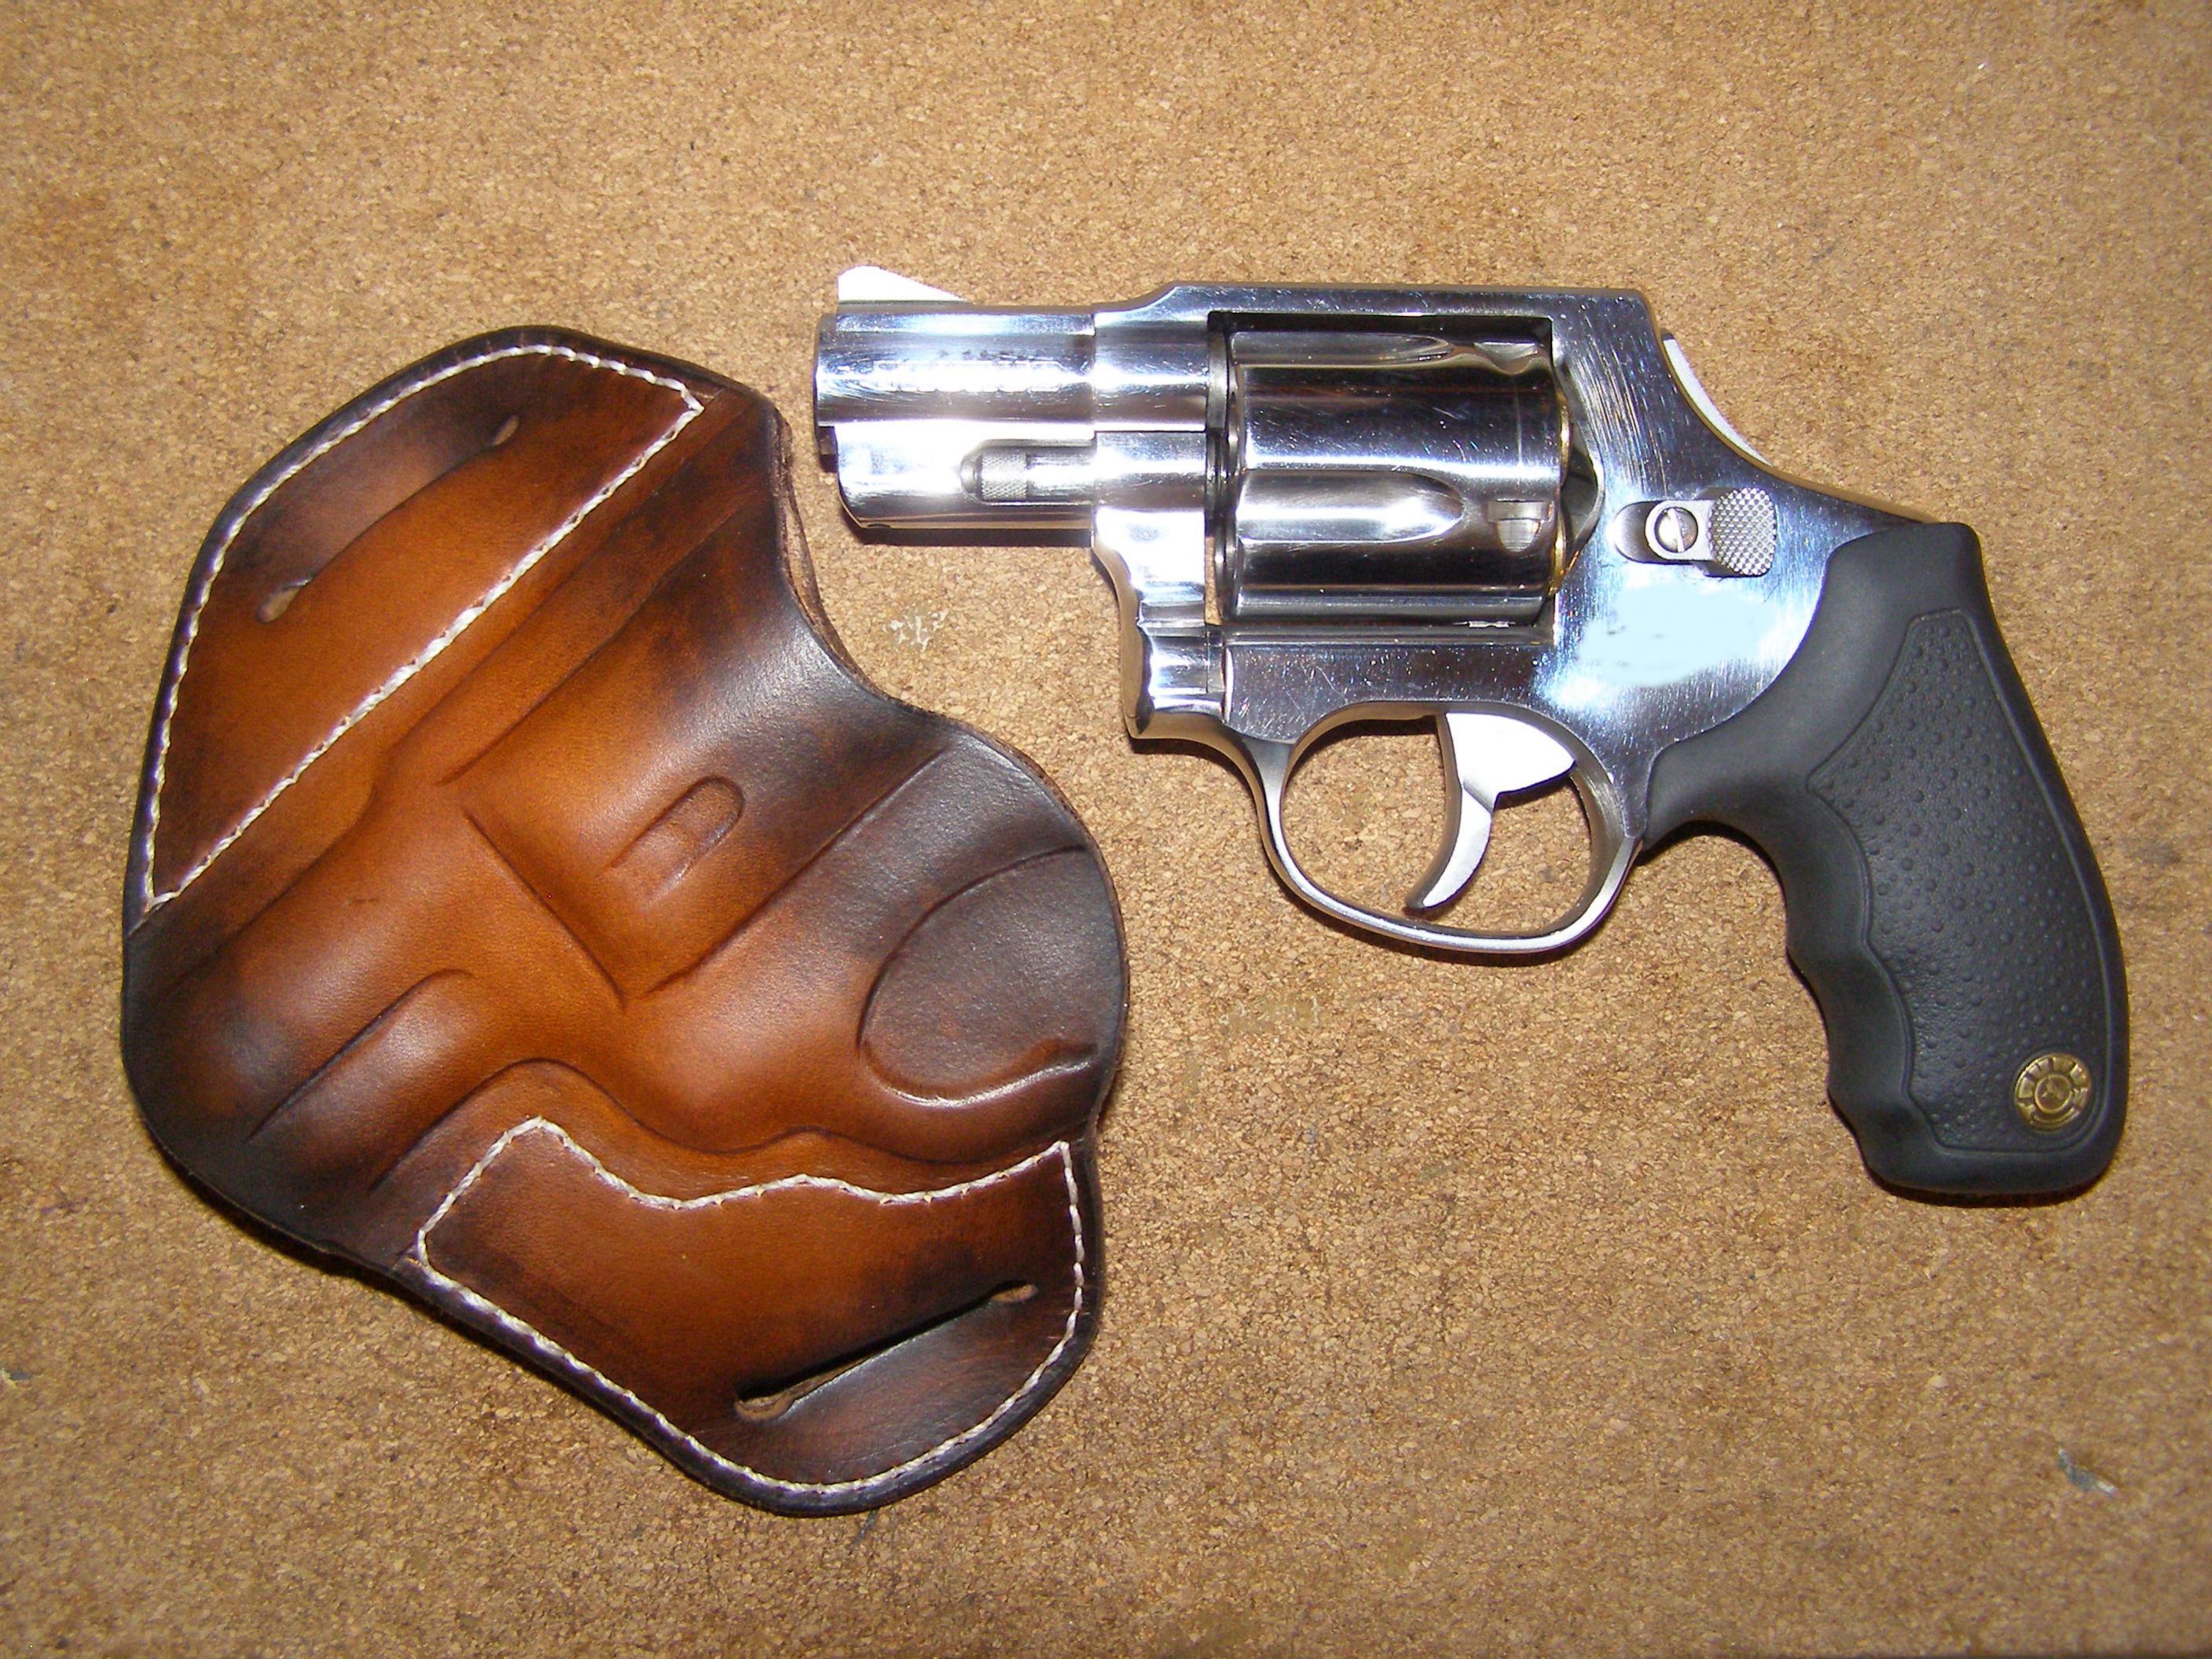 Newly Acquired Taurus 445 (2